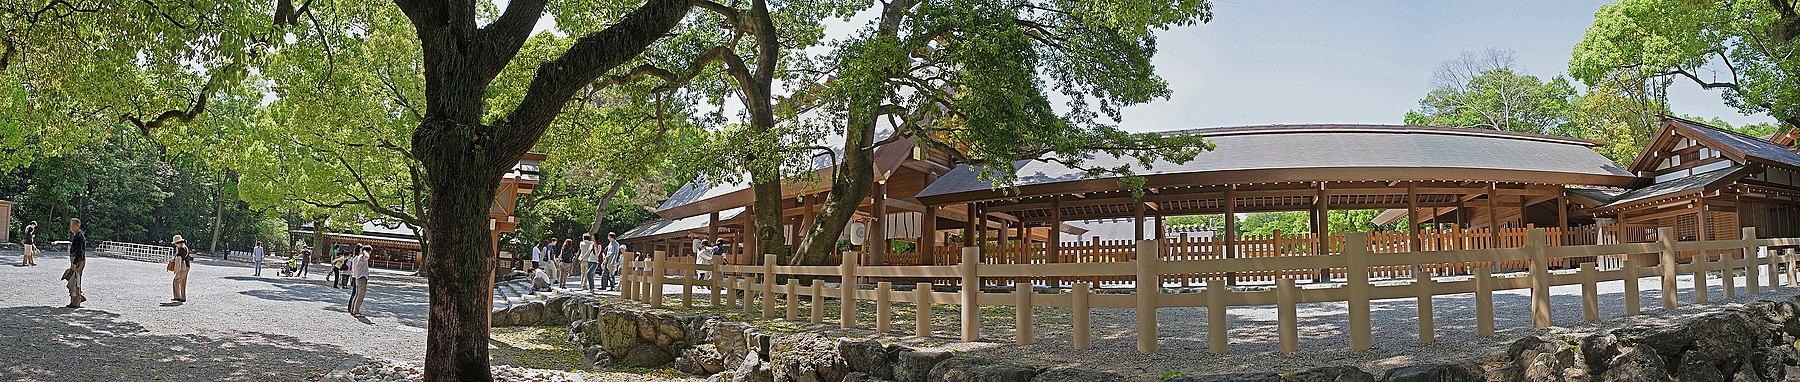 Atsuta jingu shrine , 熱田神宮 - panoramio (11).jpg